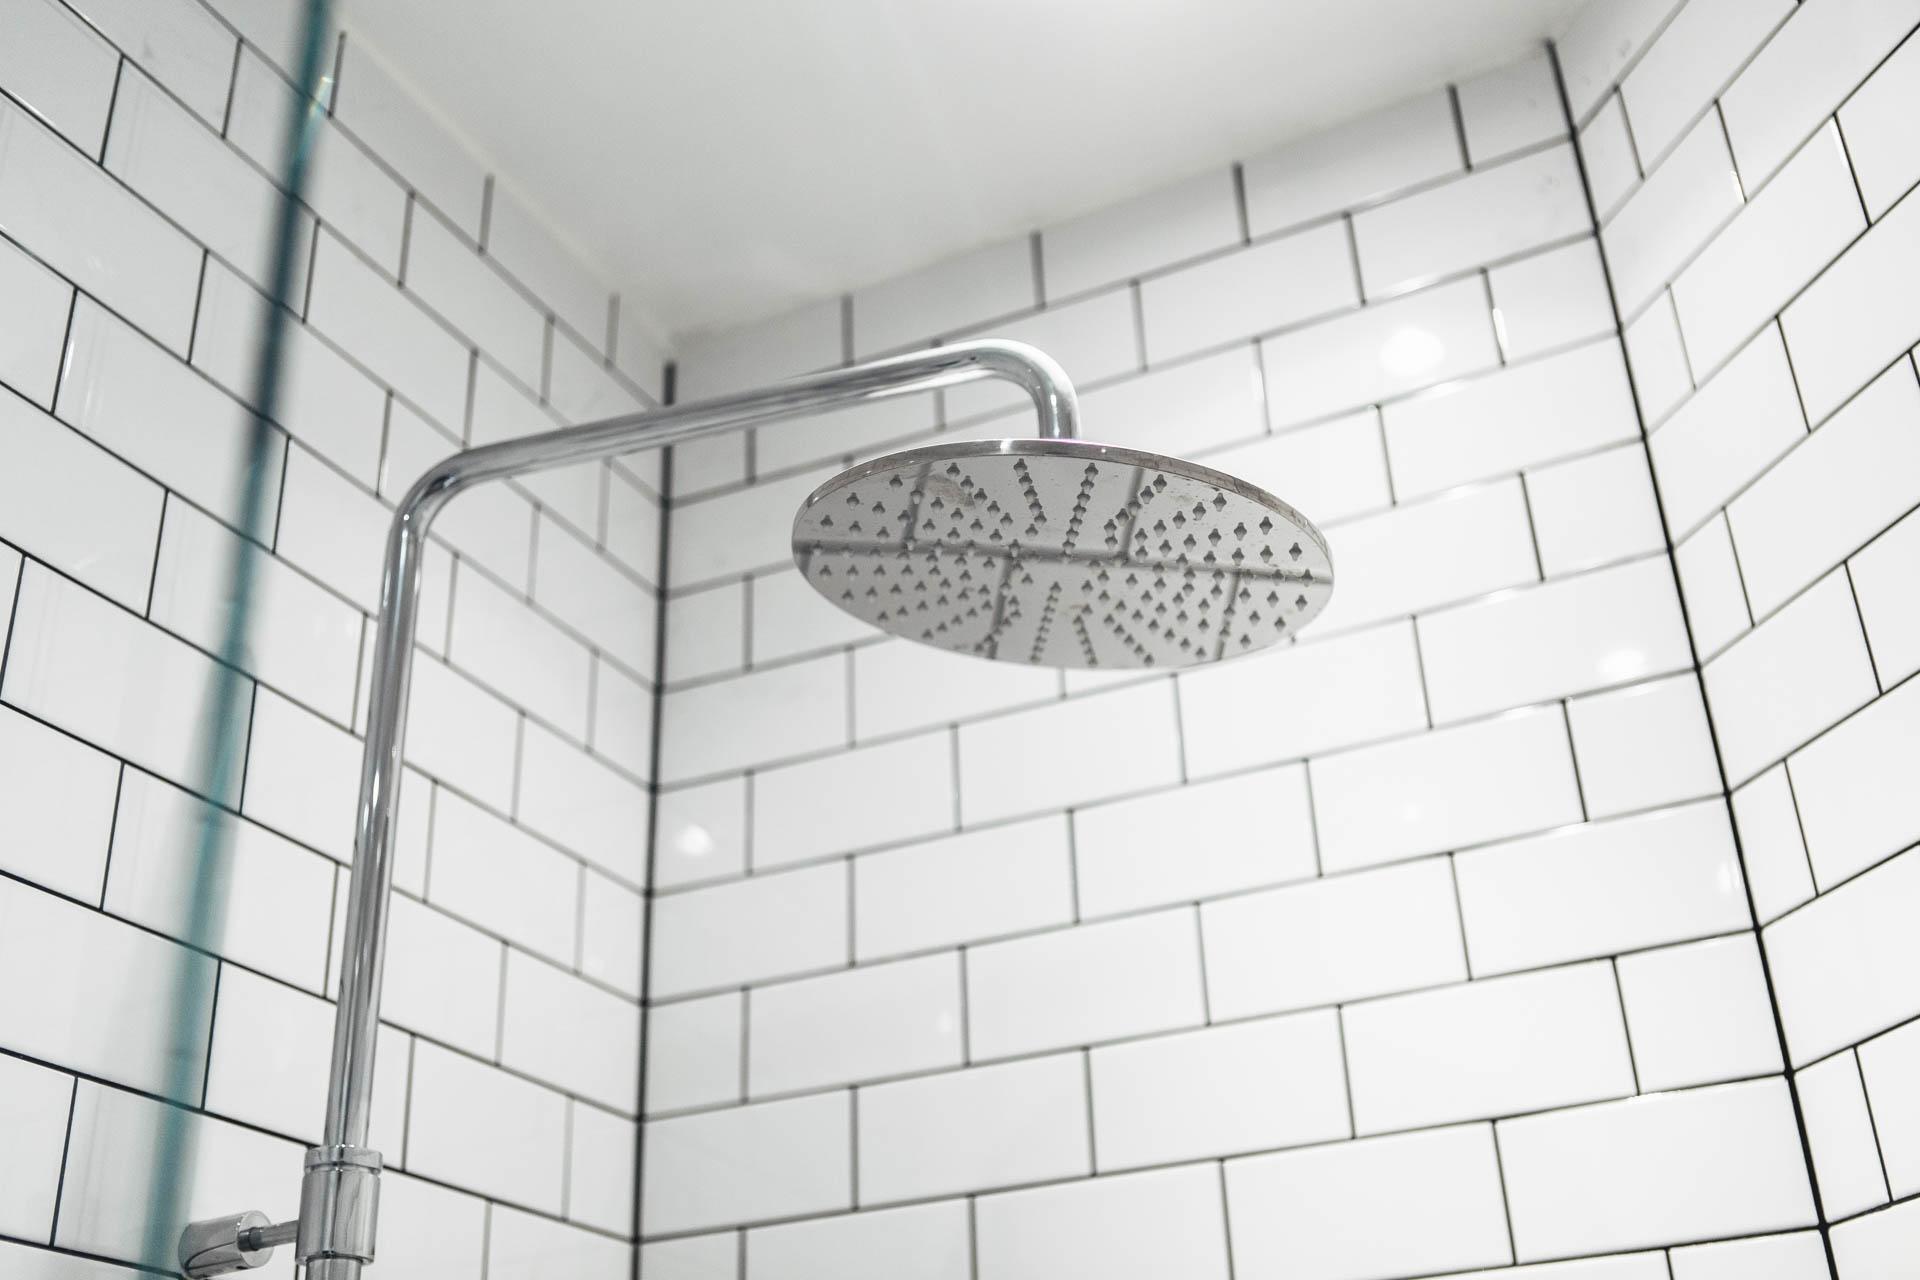 Badkamers voorbeelden u00bb Kleine badkamer van 2m2!